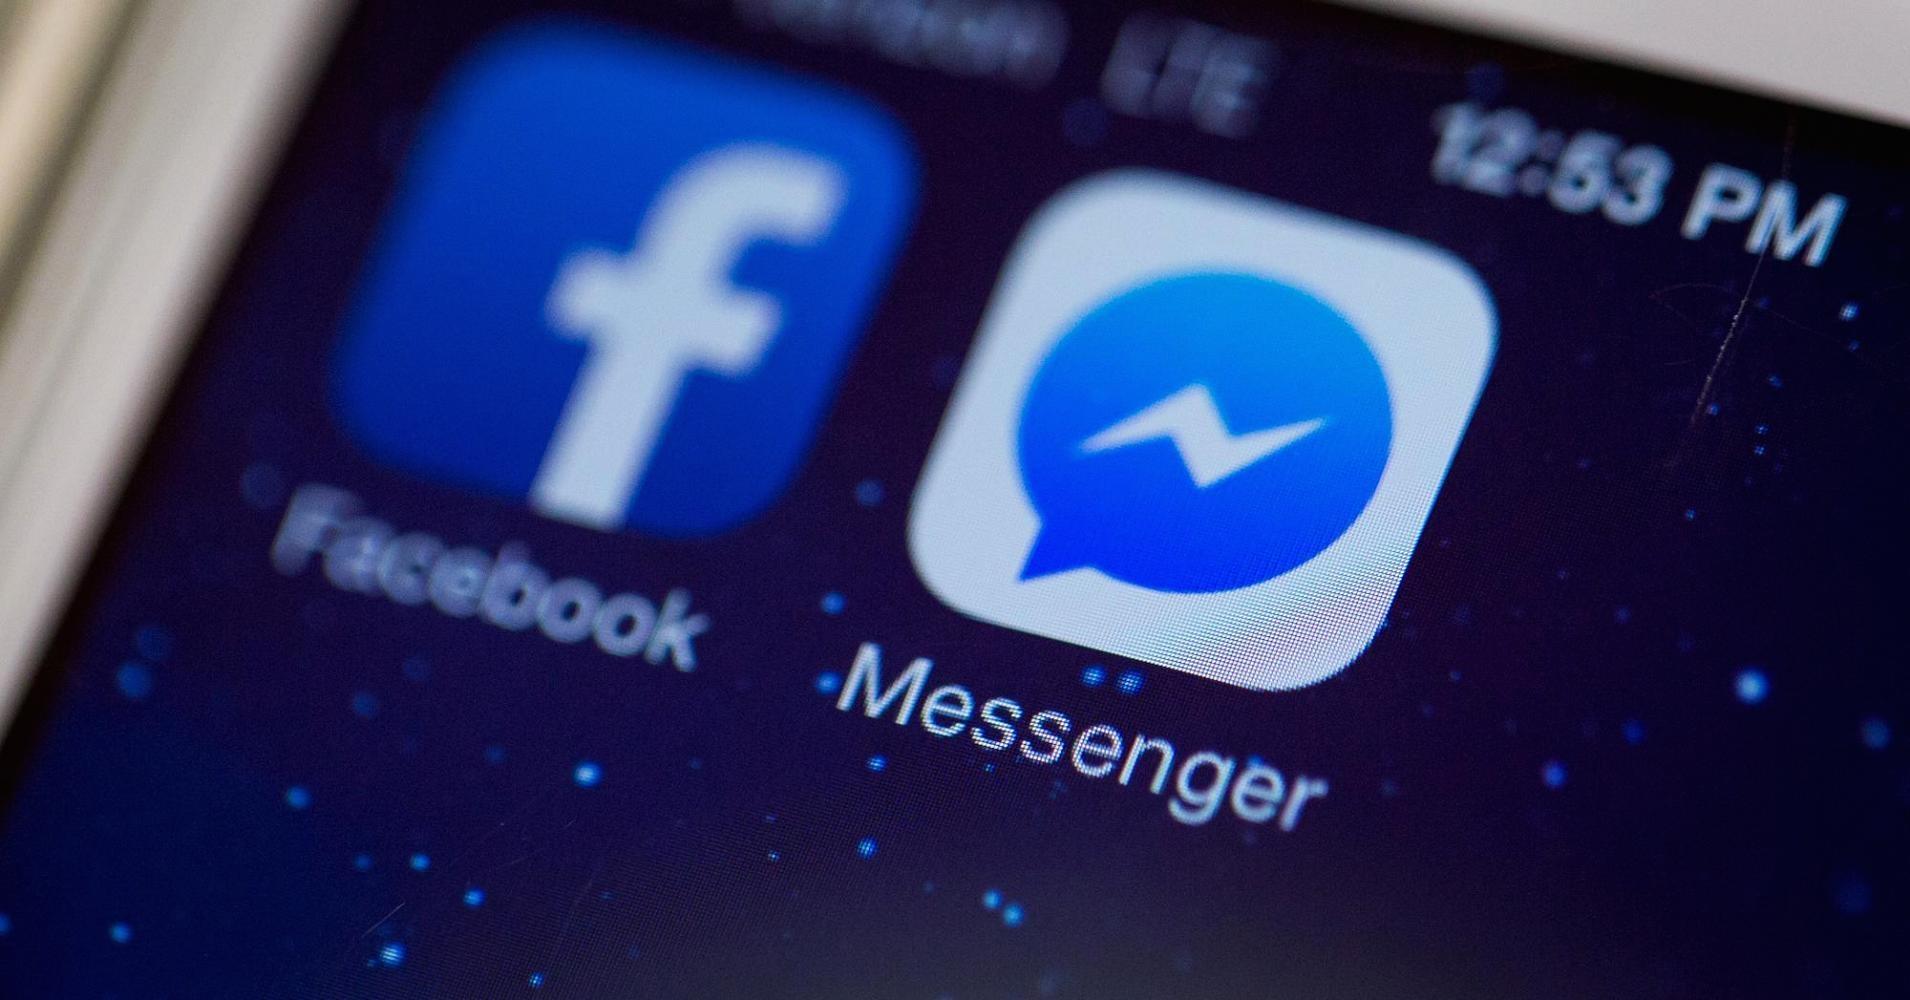 Новая возможность обмена фото с высоким разрешением теперь есть и в Facebook Messenger